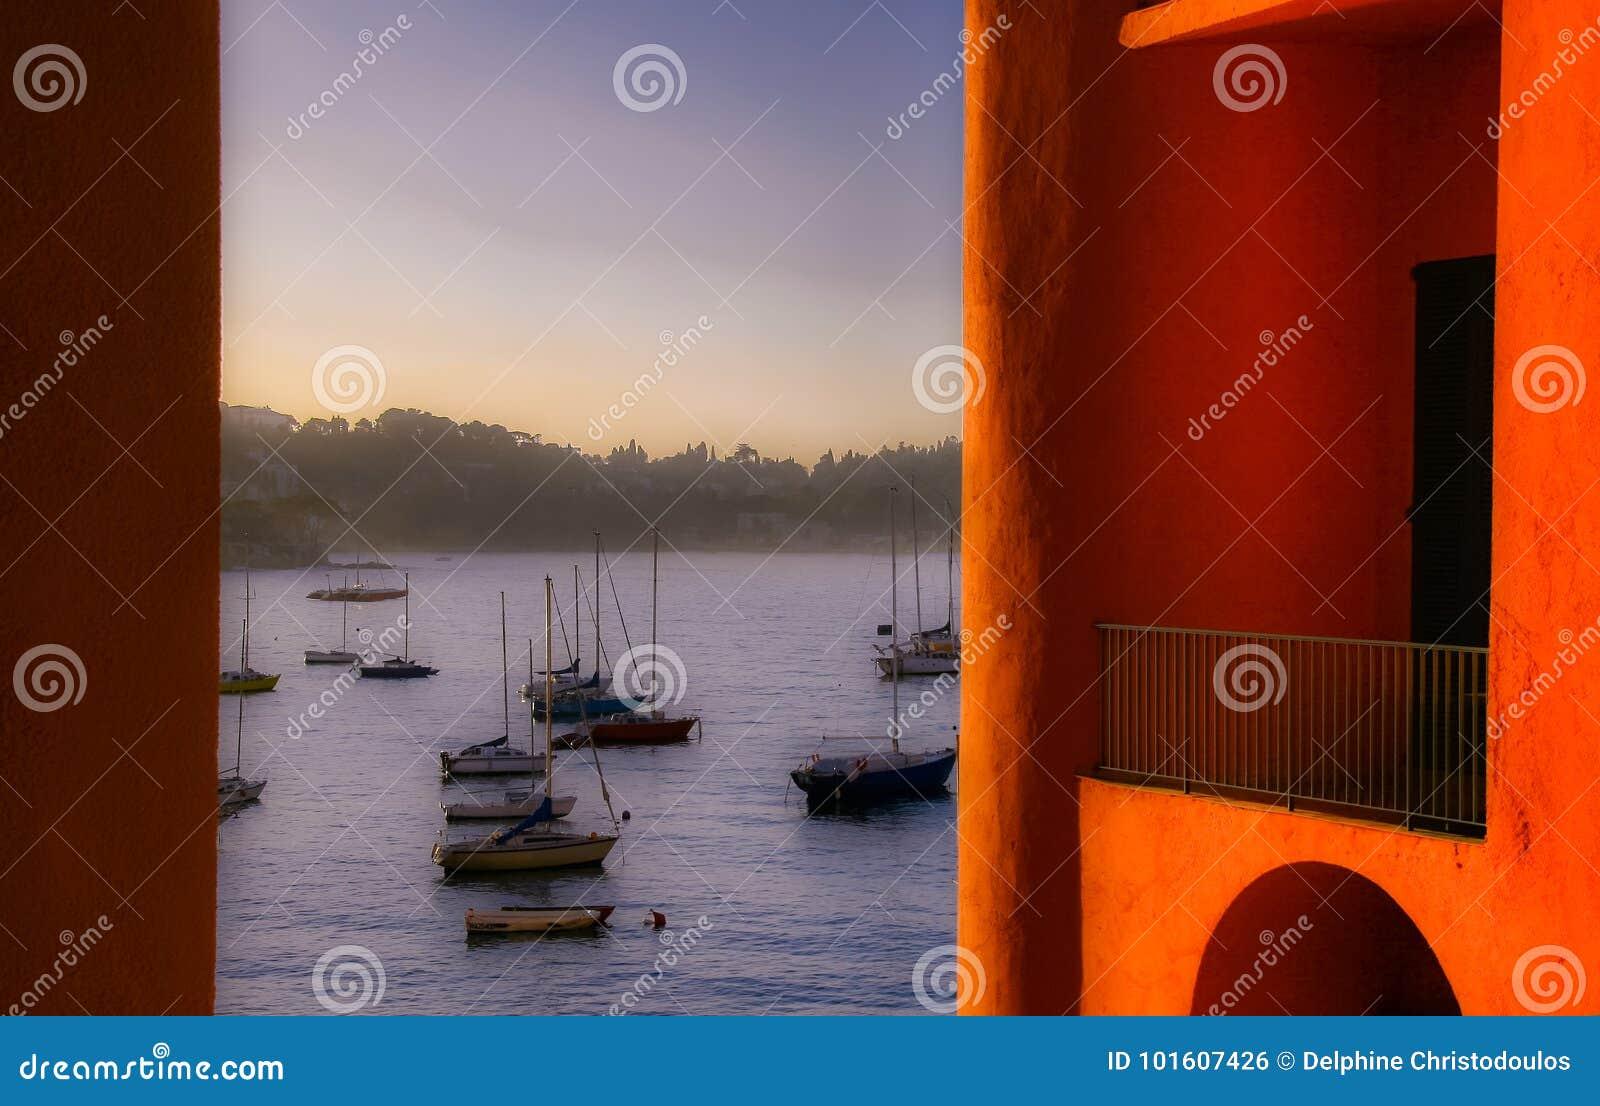 Van het Oranje Balkon